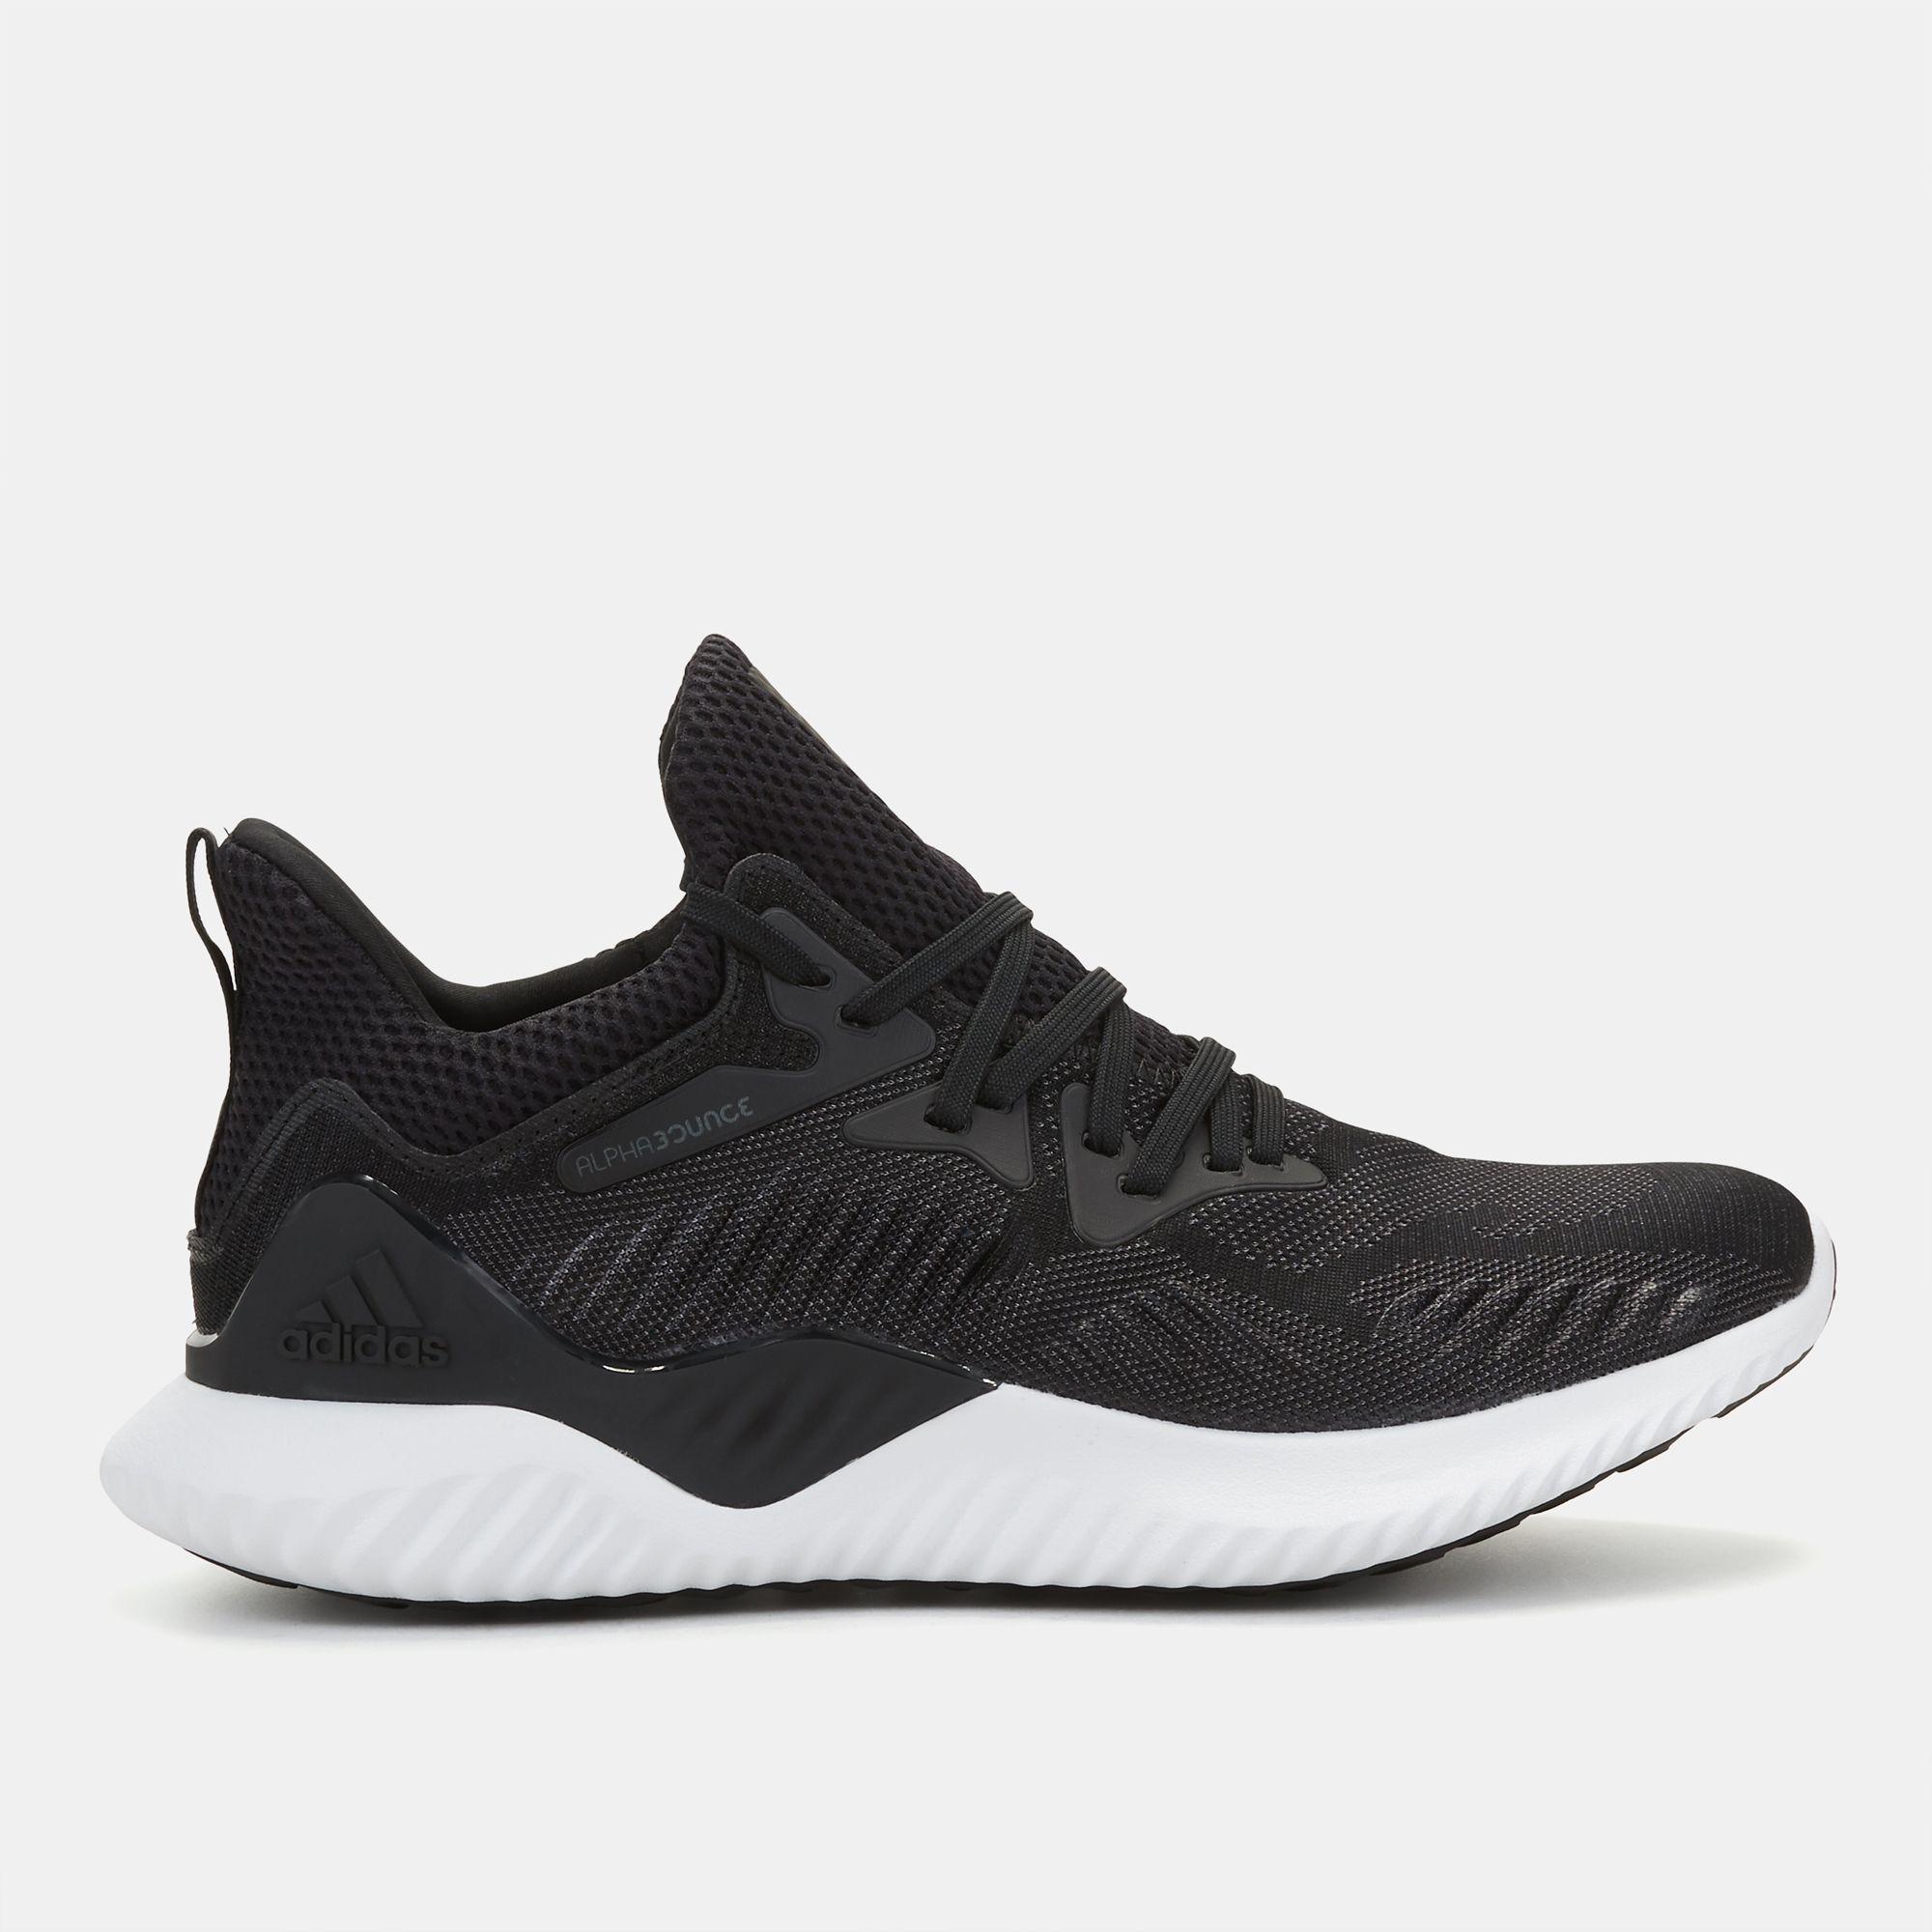 Tienda Adidas mujer negro AlphaBounce más allá de zapato para mujer Adidas de Adidas SSS de65ab